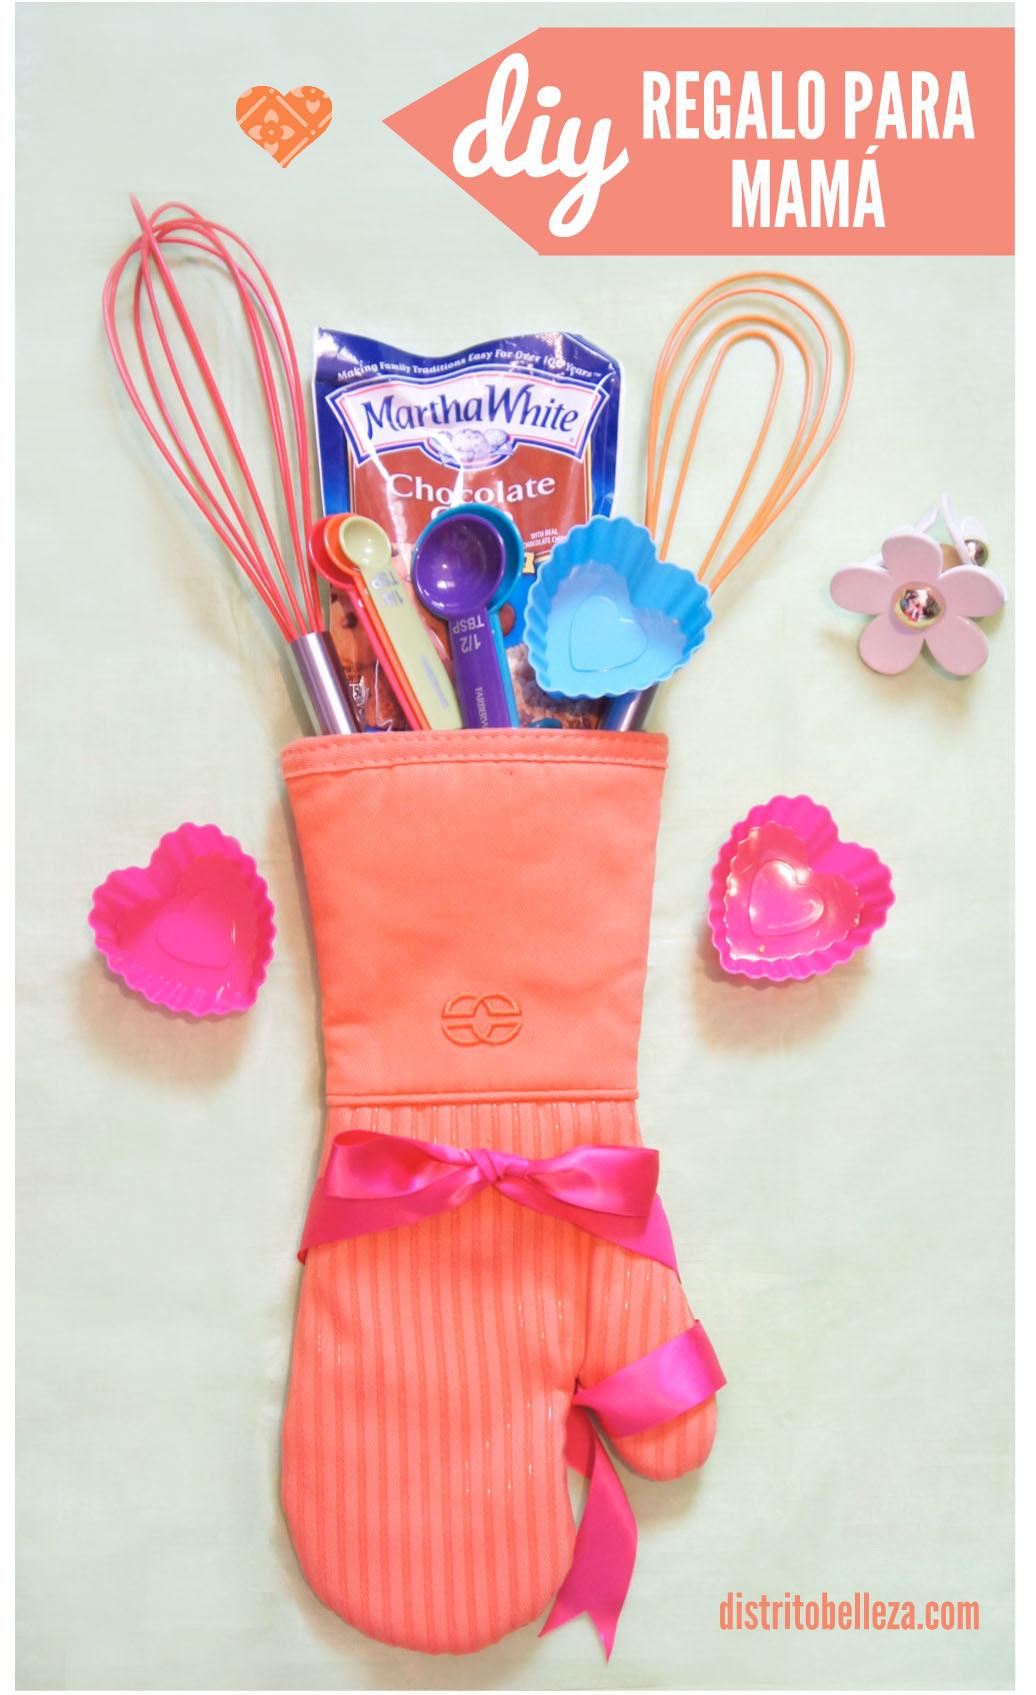 Regalos para mamas 2 los 10 mejores regalos para mama - Regalos de navidad para mama ...